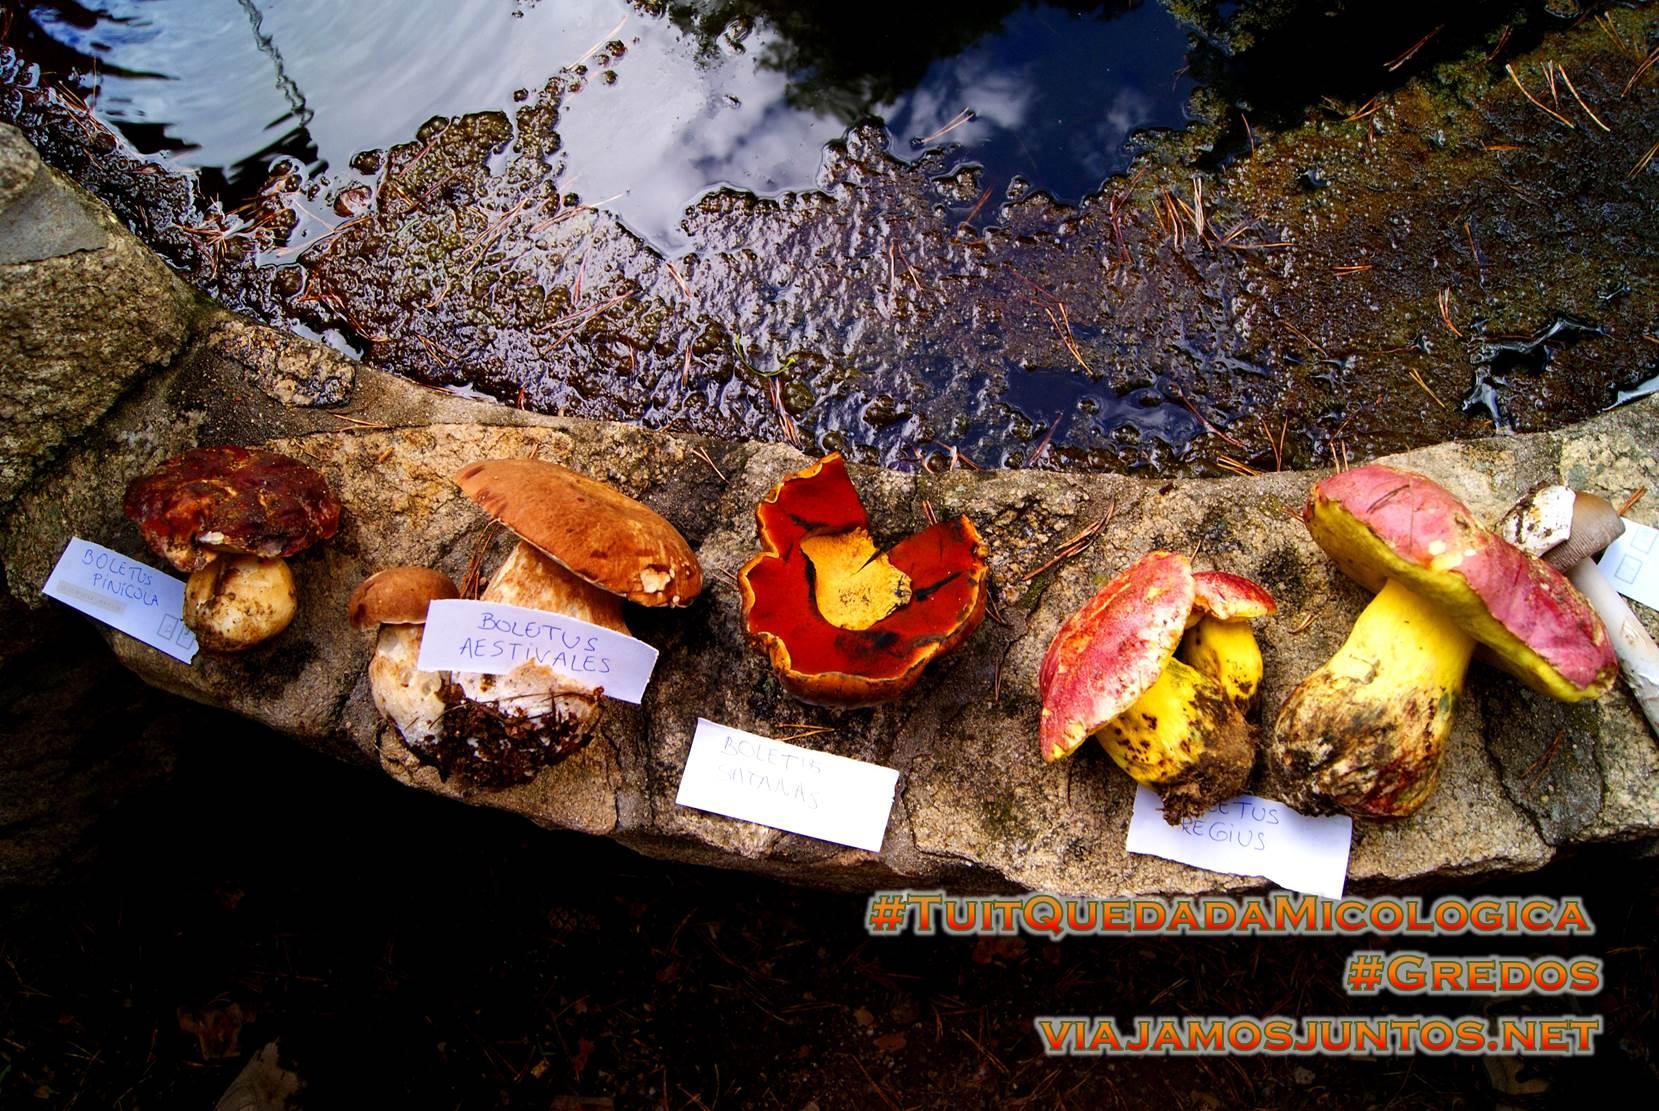 Diferentes tipos de boletus en el Pinar de Hoyocasero, Gredos, durante la #TuitQuedadaMicologica